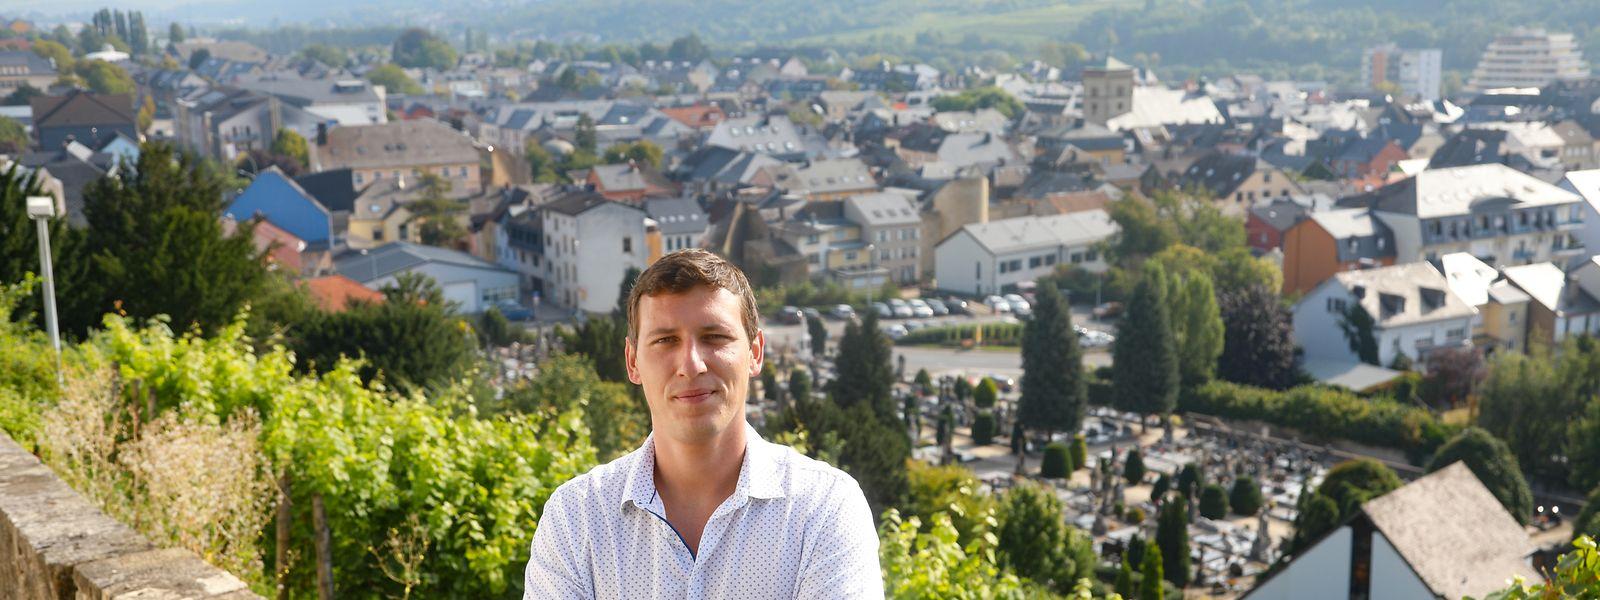 Wegen des unbezahlbaren Ausblicks führt Joël Rech Besucher immer zur Kreuzkapelle hoch über Grevenmacher. Von dort sieht man die Kirche, Reste der Stadtmauer und die Schleuse.